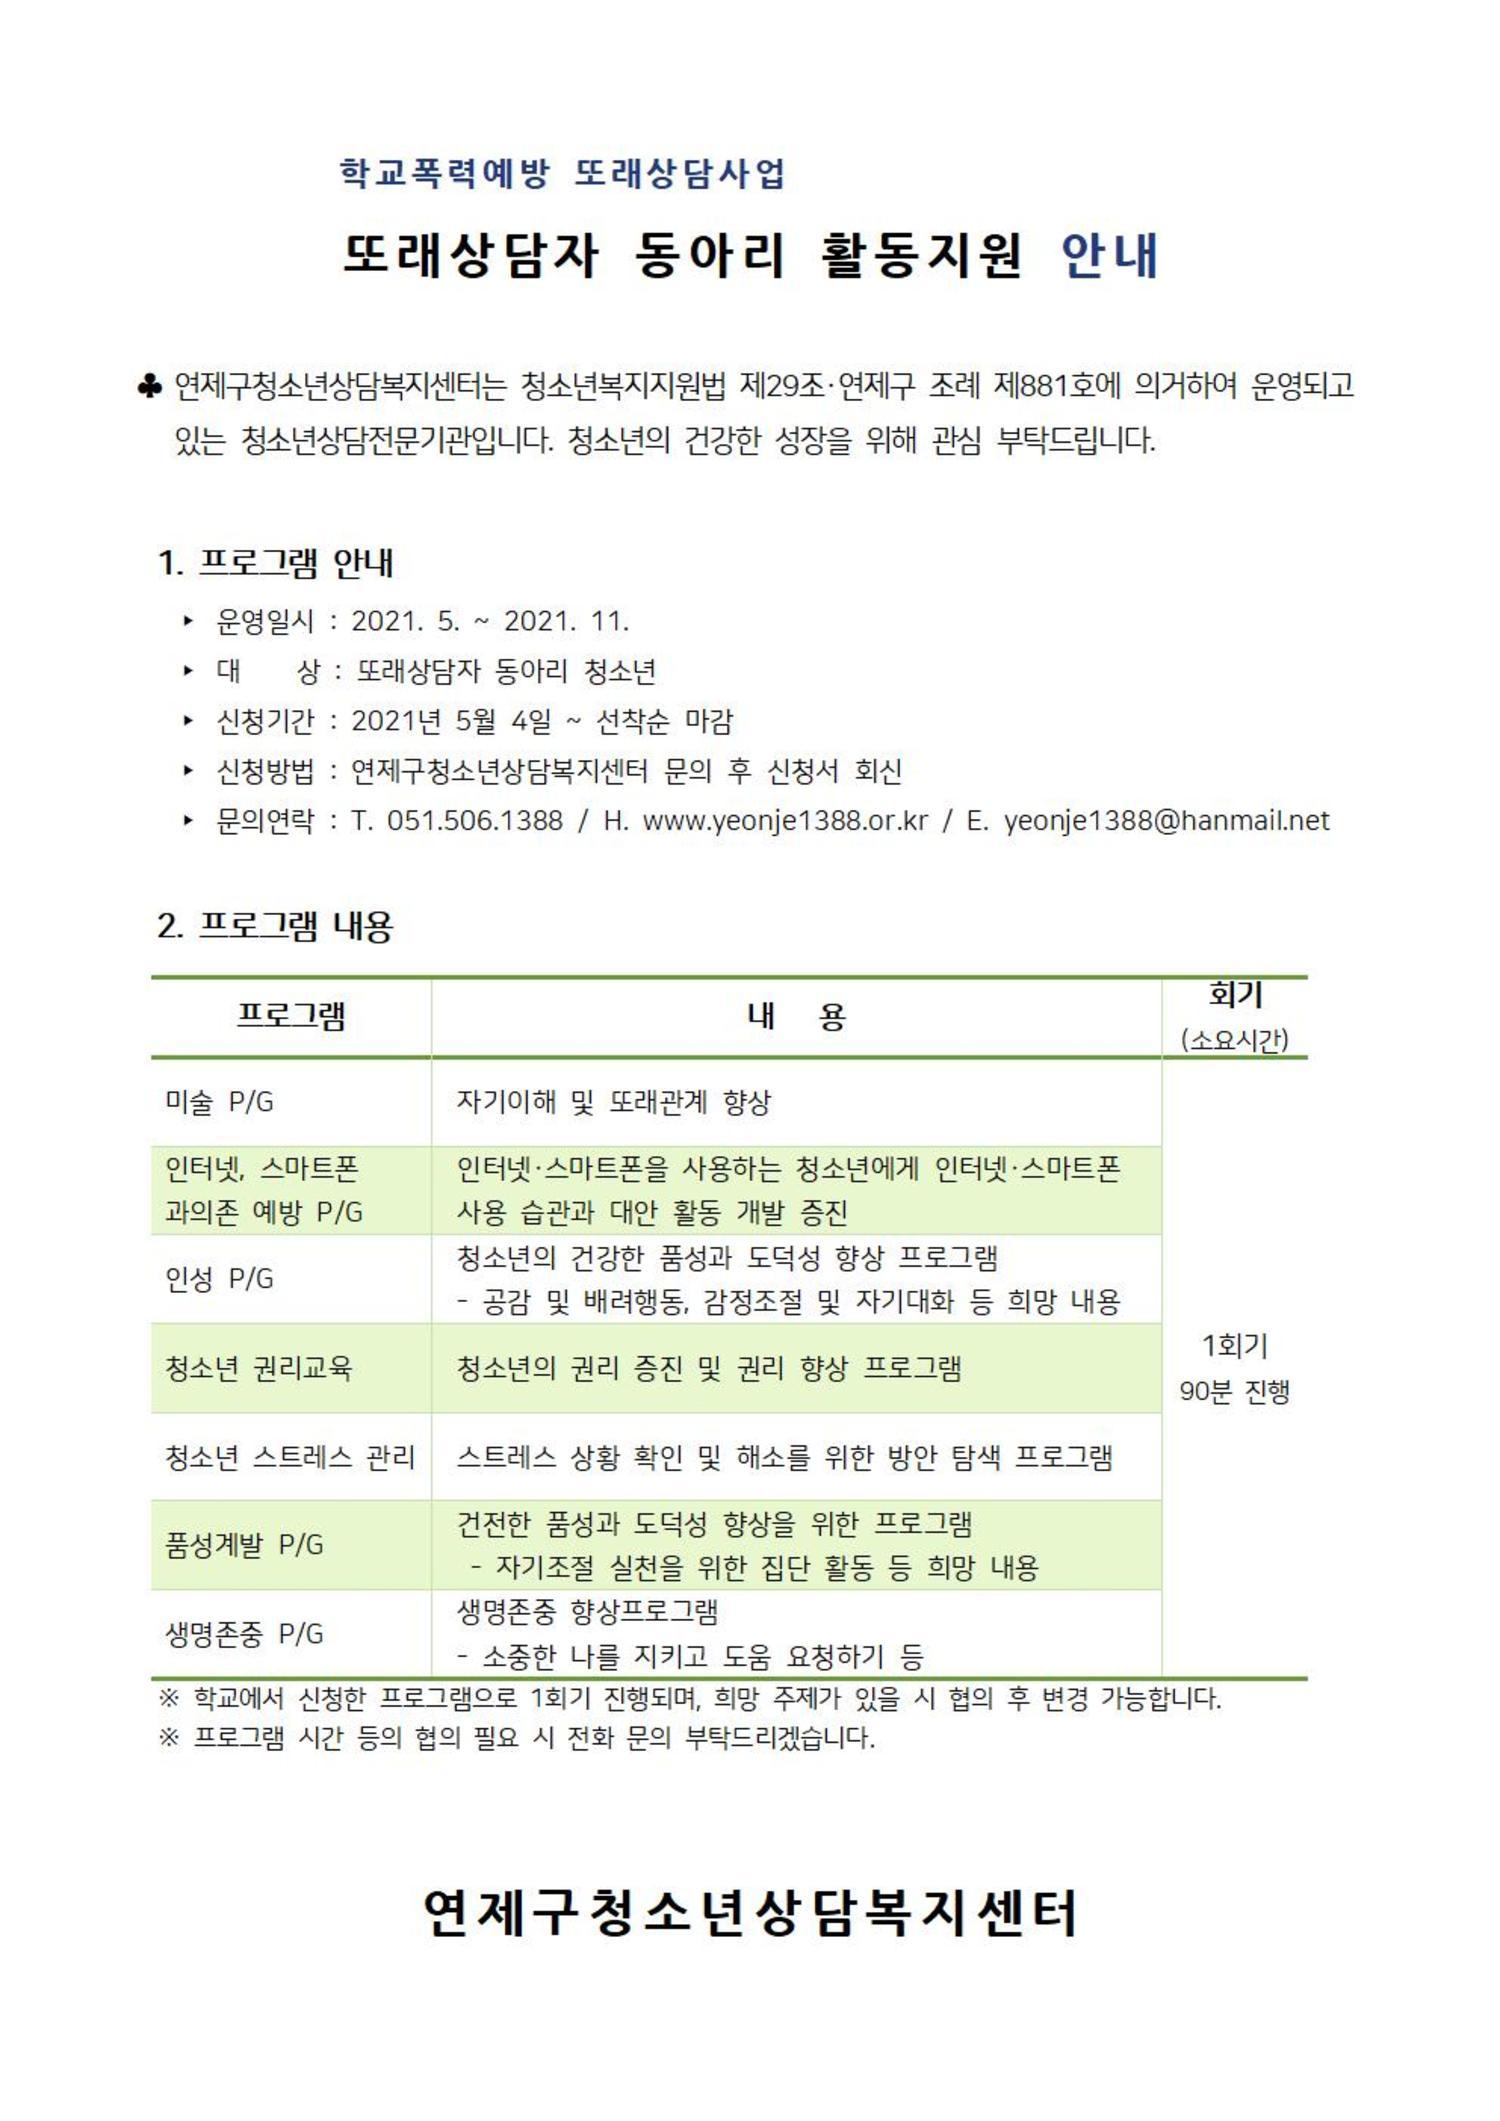 또래동아리 활동지원 신청안내001.jpg